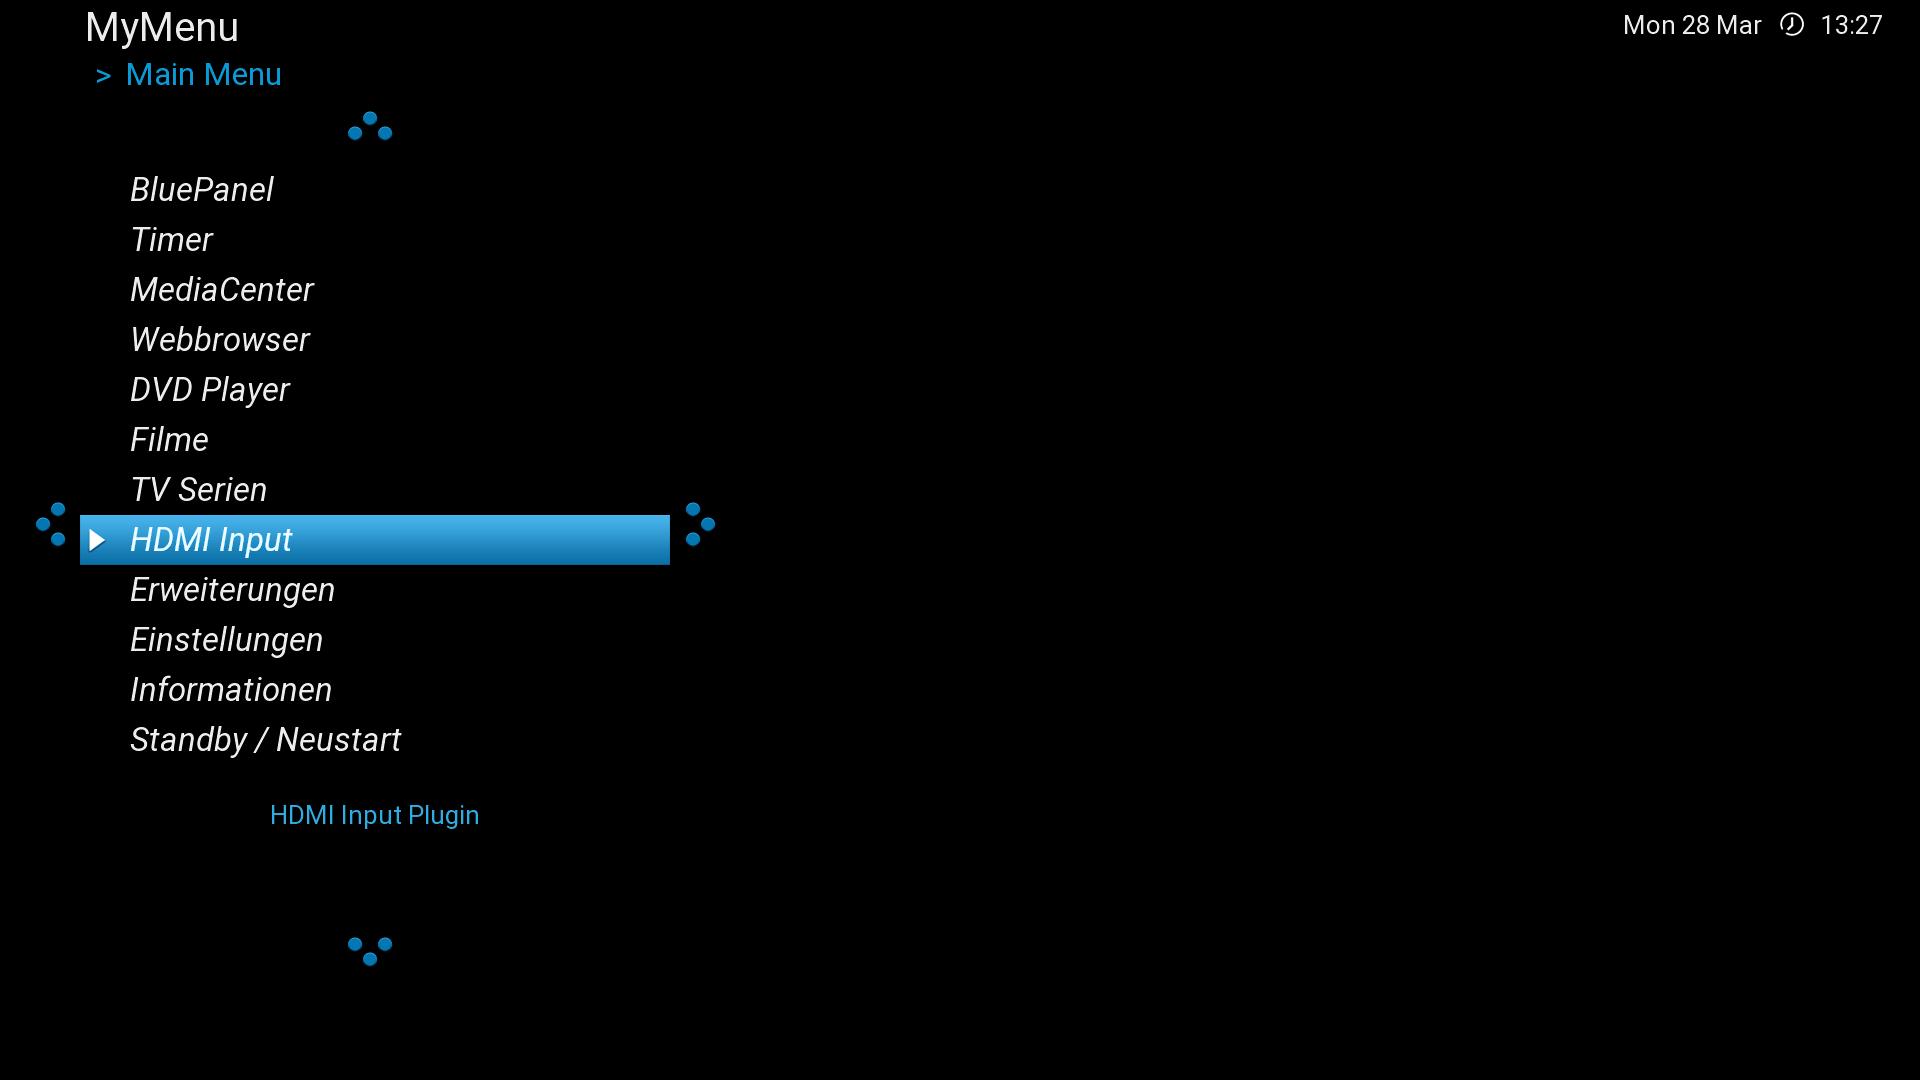 HDMI-In-Plugin im Hauptmenü aktiviert.